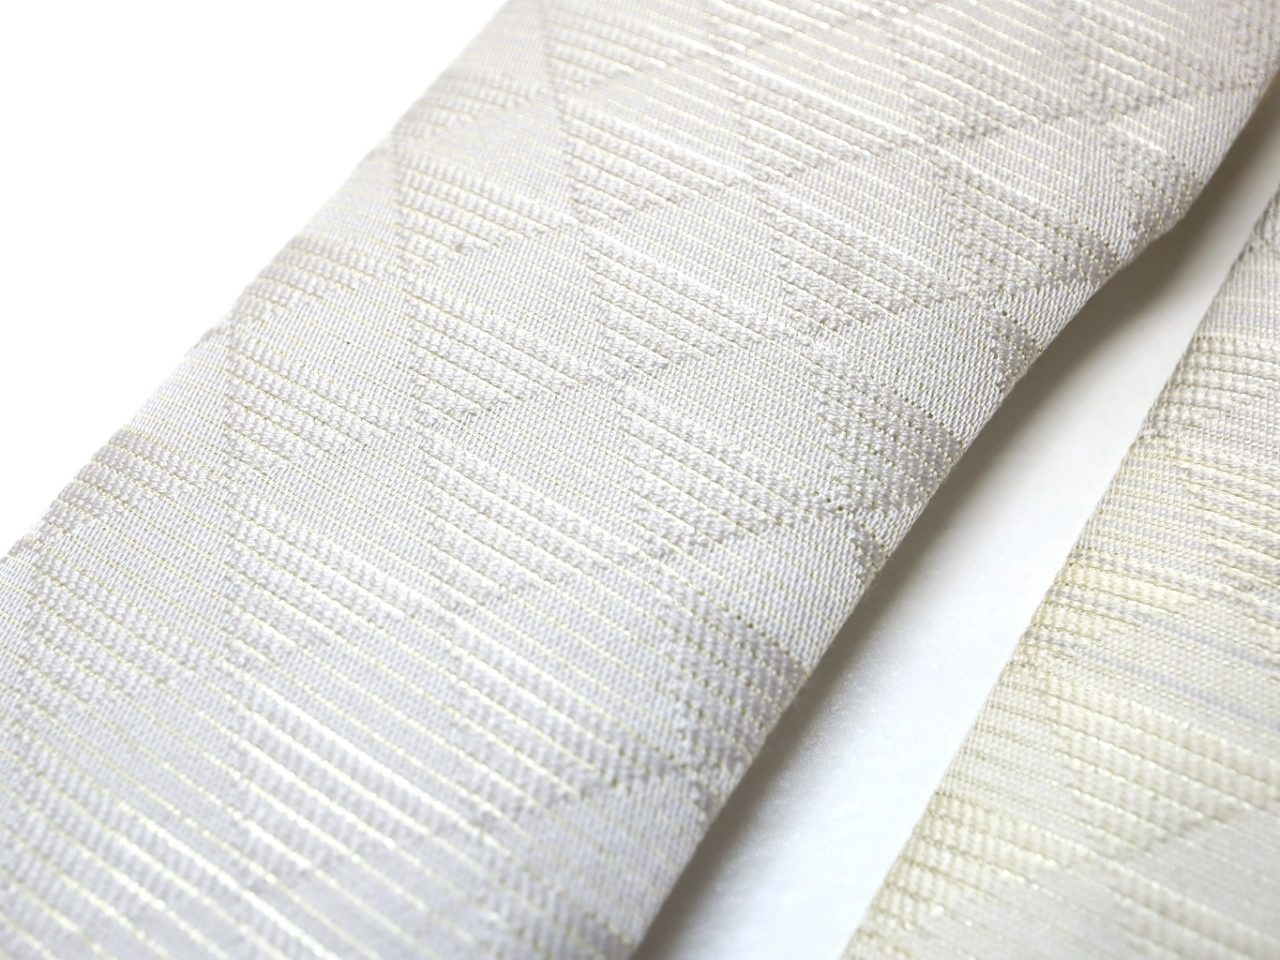 正絹西陣織帯地使用、オリジナル携帯用扇子ケース2020|白檀、黒檀、紫檀扇子などテグスで組まれた高級扇子にお勧め